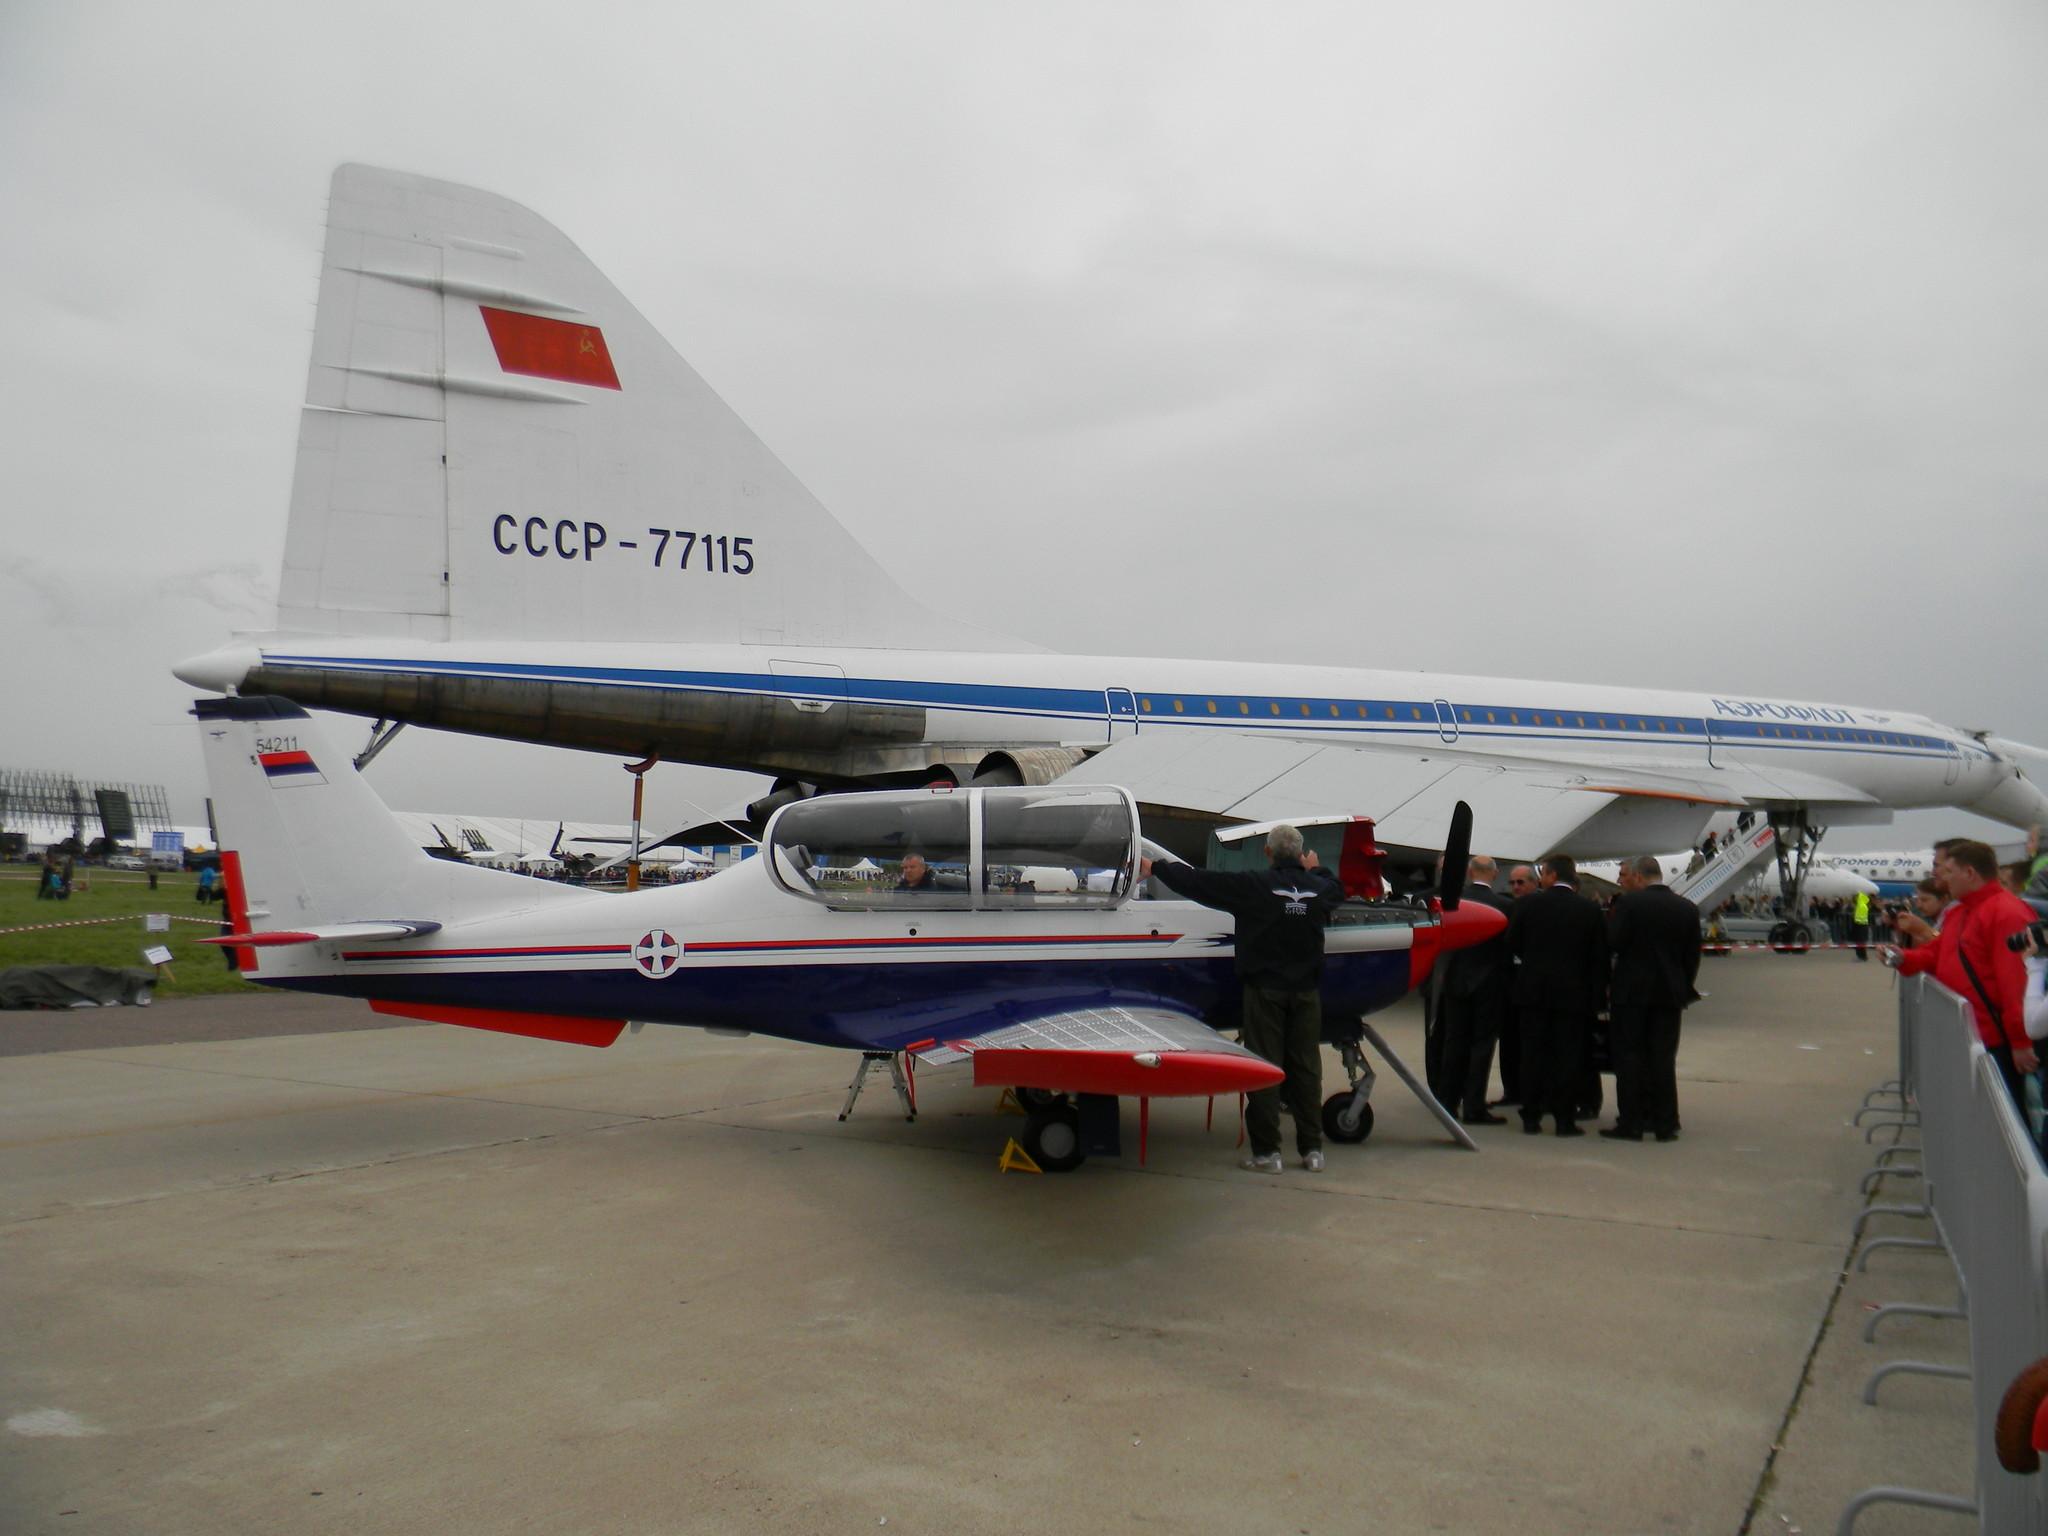 «Ласта-95» — сербский поршневой учебно-боевой самолёт, выпускающийся компанией Утва